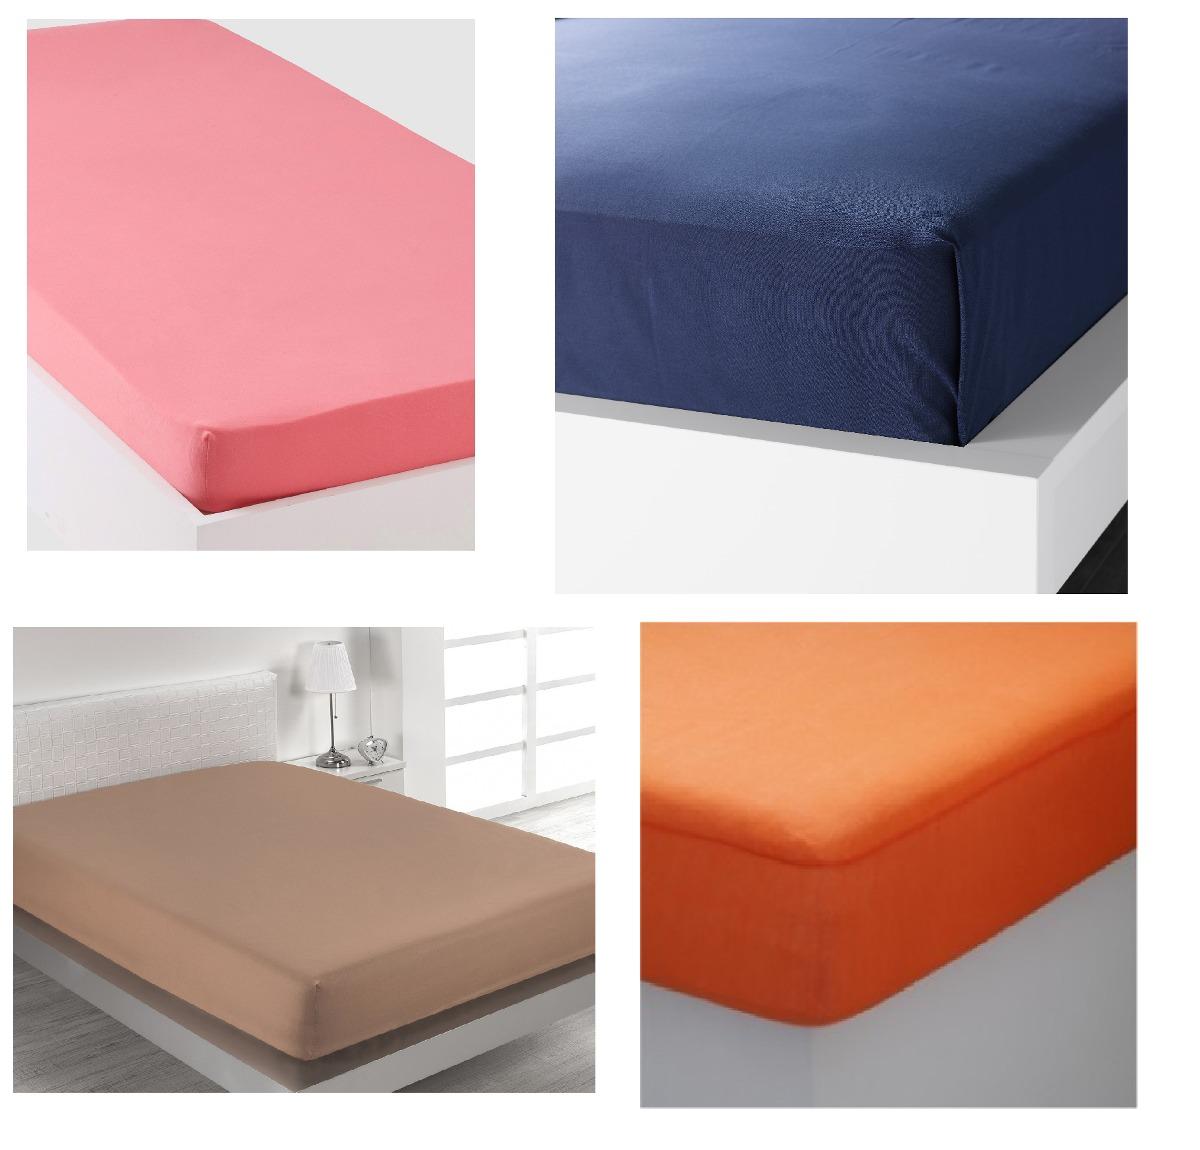 Protector de colch n anti fluidos cama king varios colores - Protector de cama ...